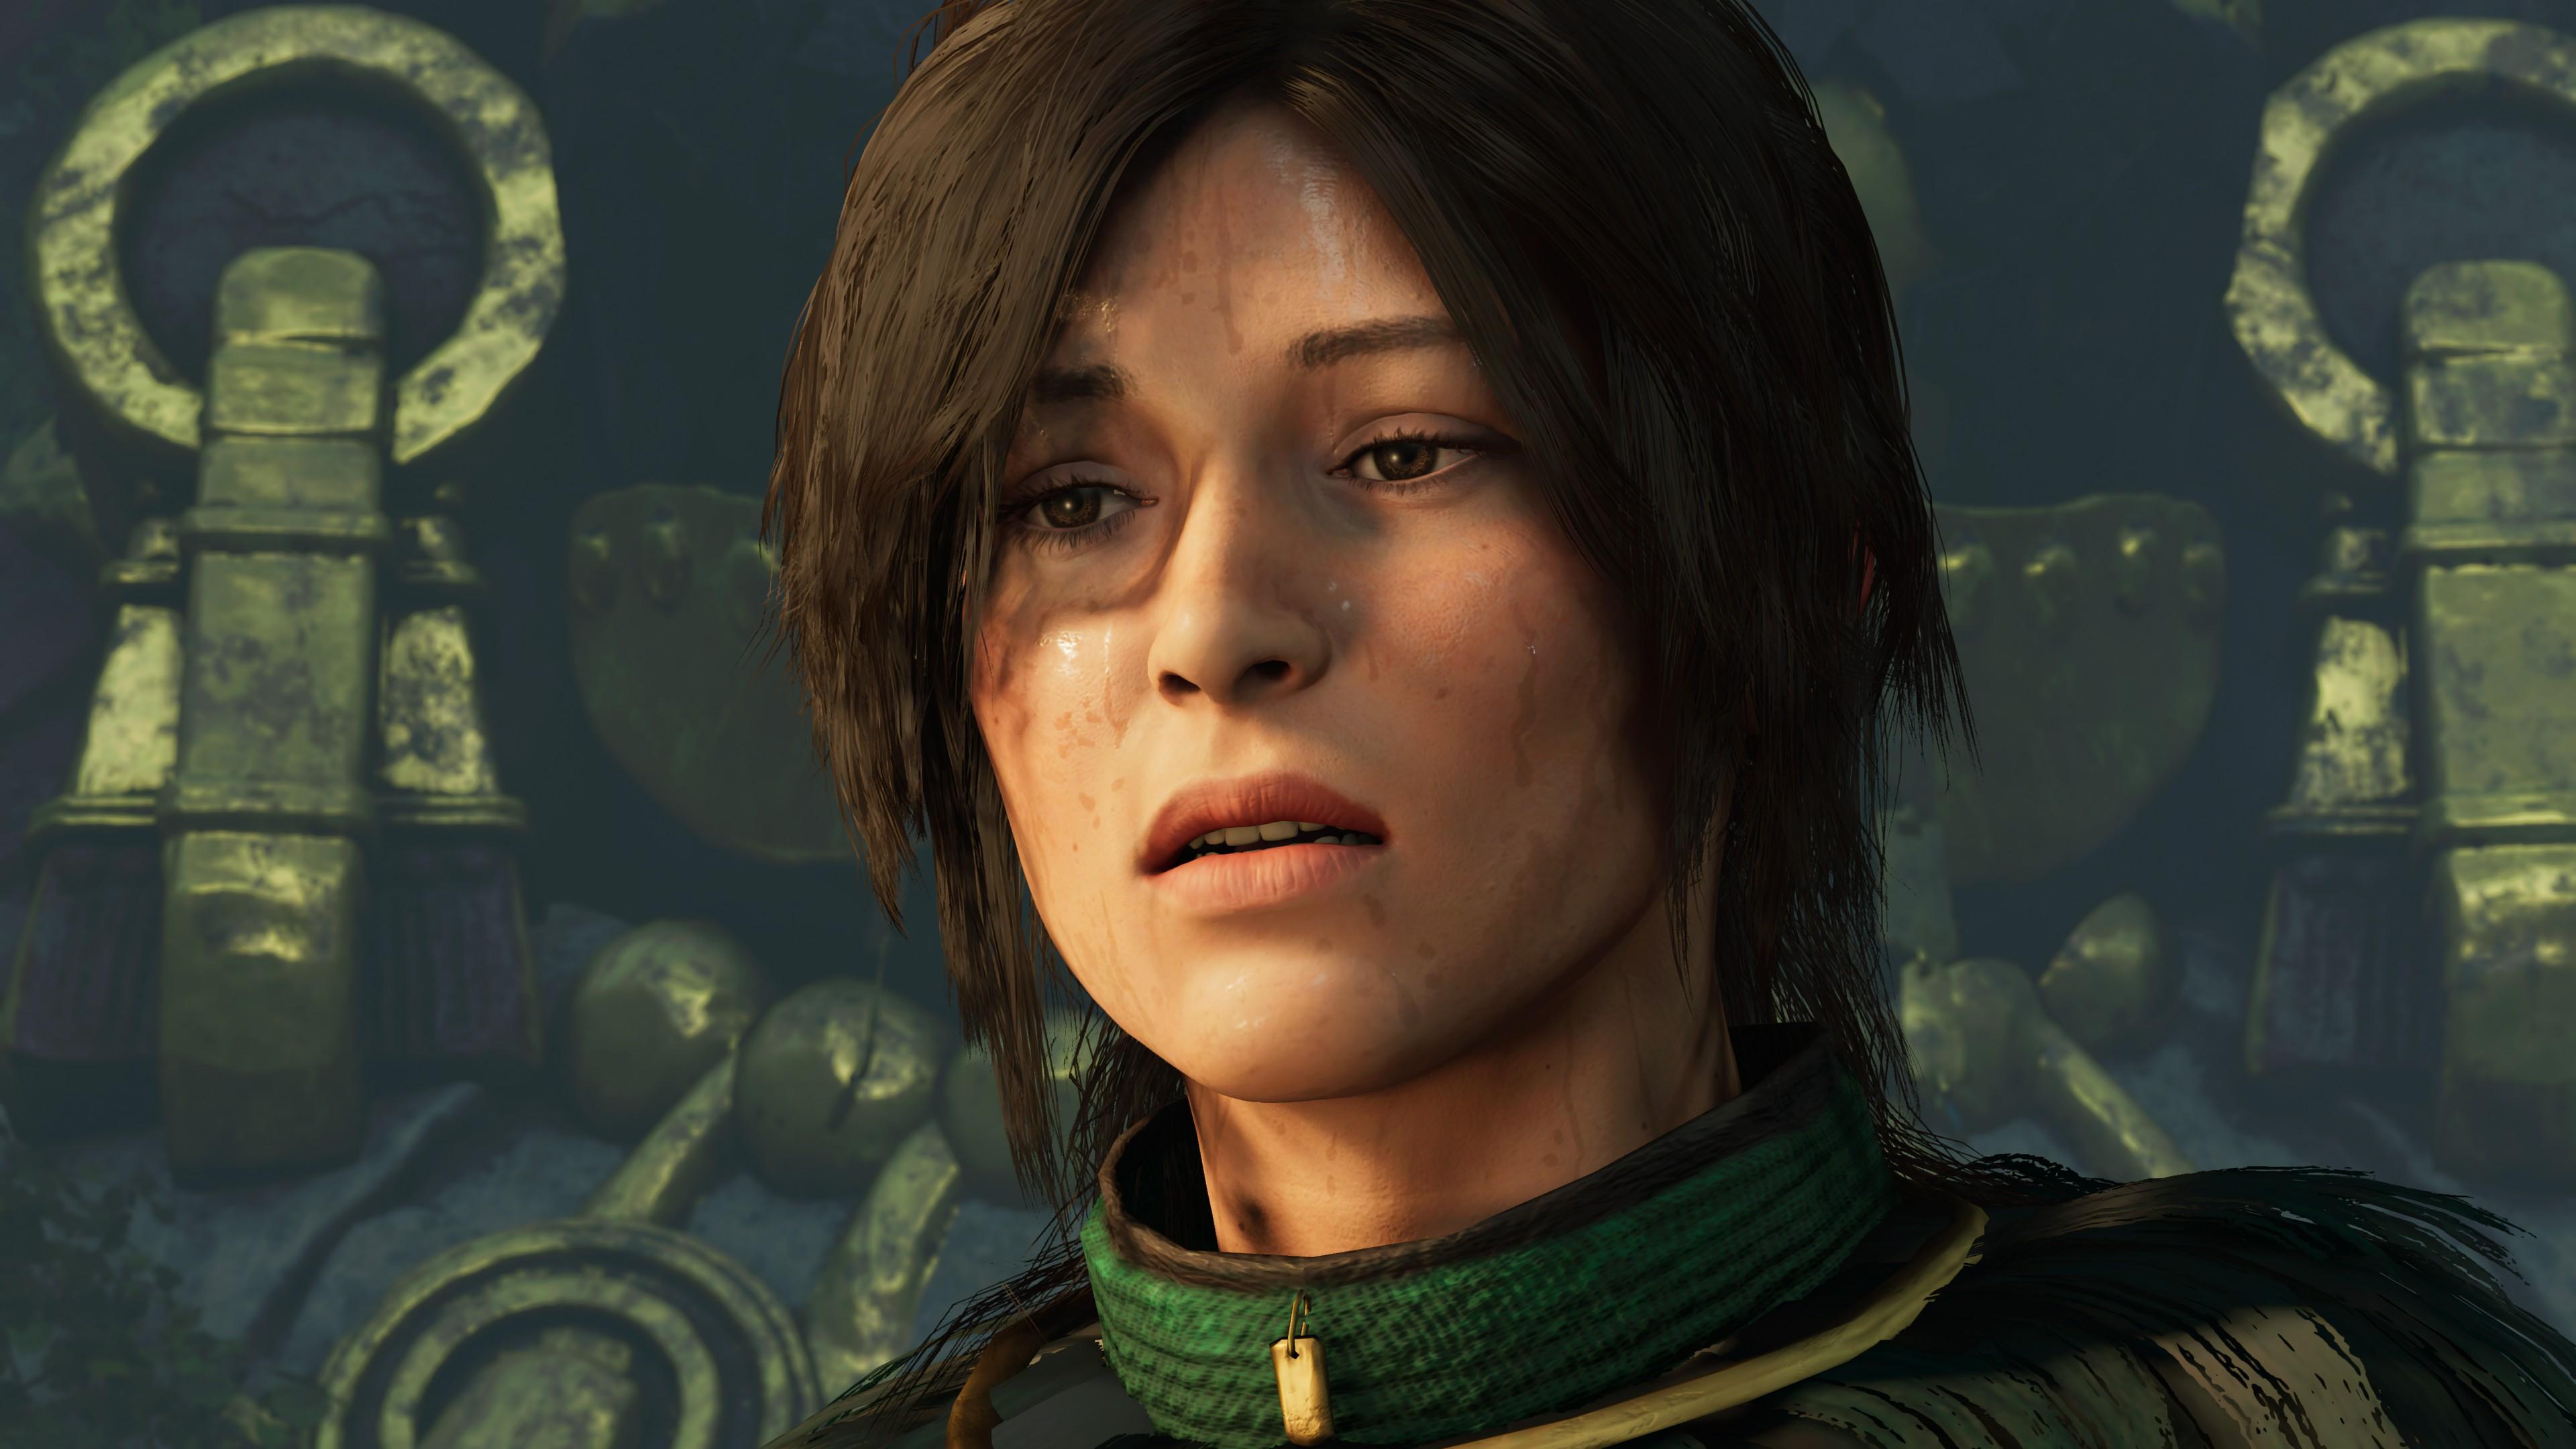 tomb raider game lara croft actress